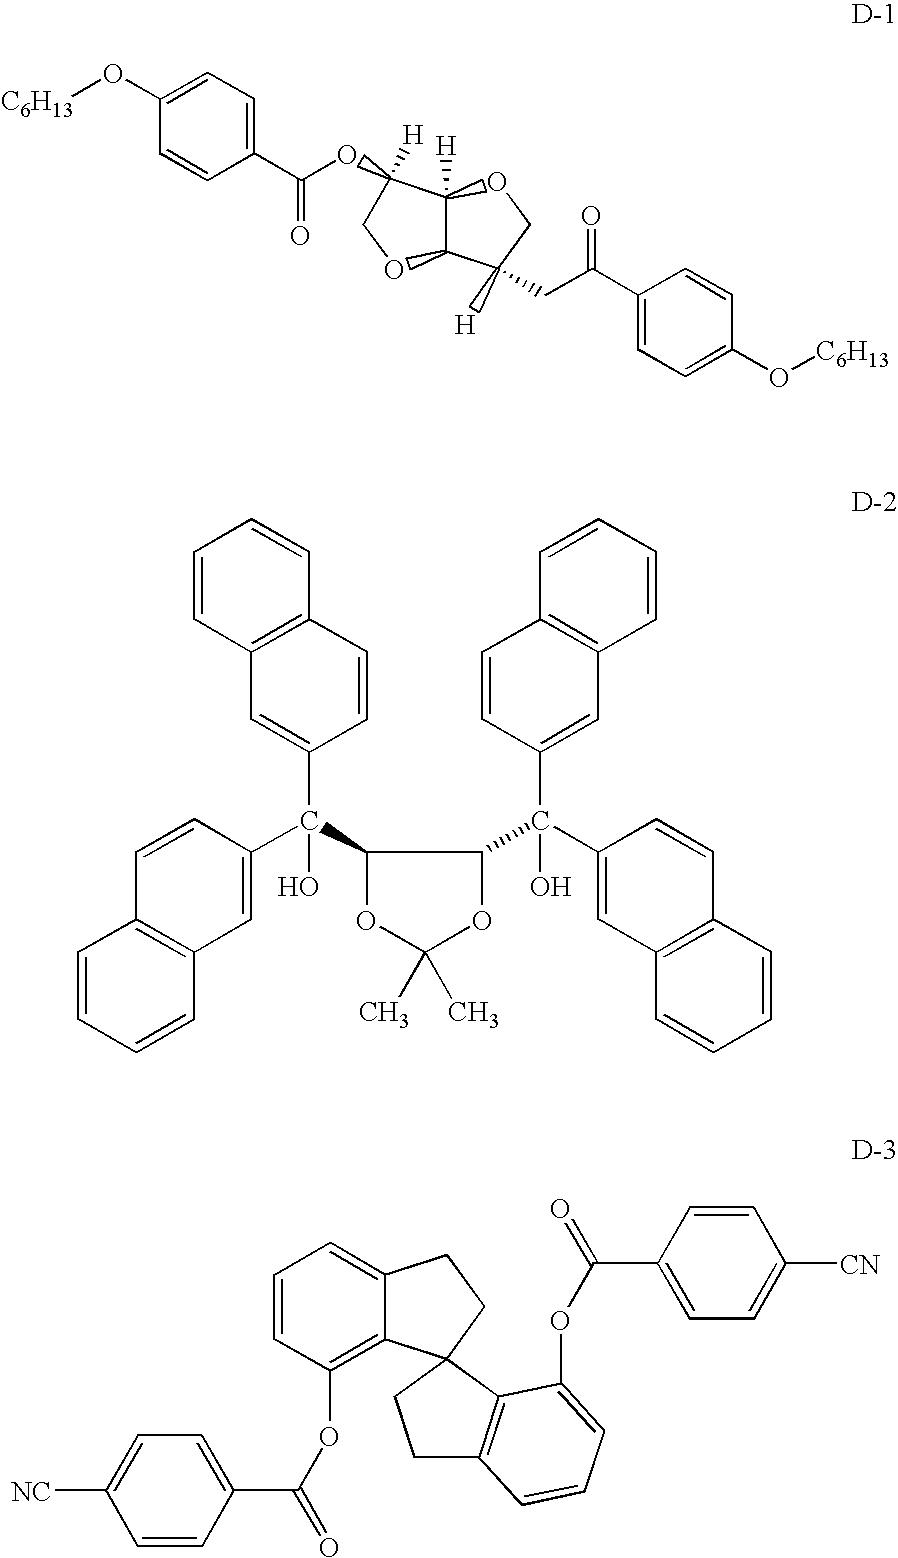 Figure US20080007518A1-20080110-C00001